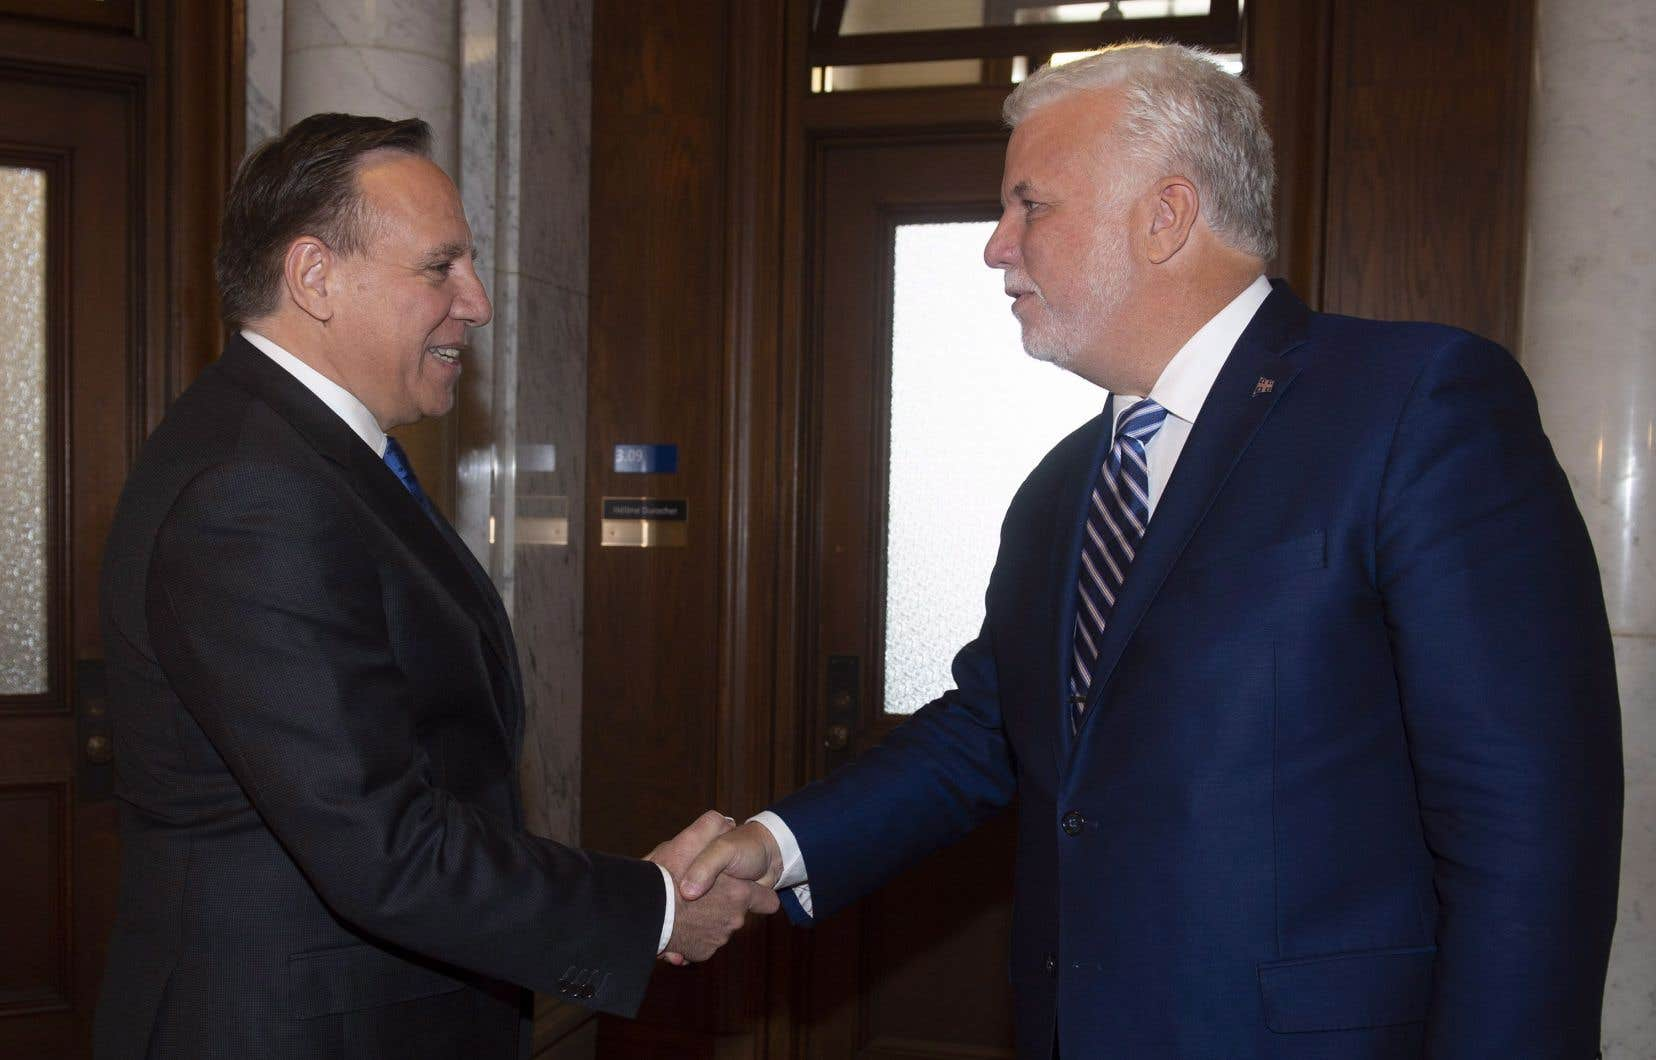 Philippe Couillard a accueilli son successeur François Legault au bureau du premier ministre, situé dans l'édifice Honoré-Mercier.